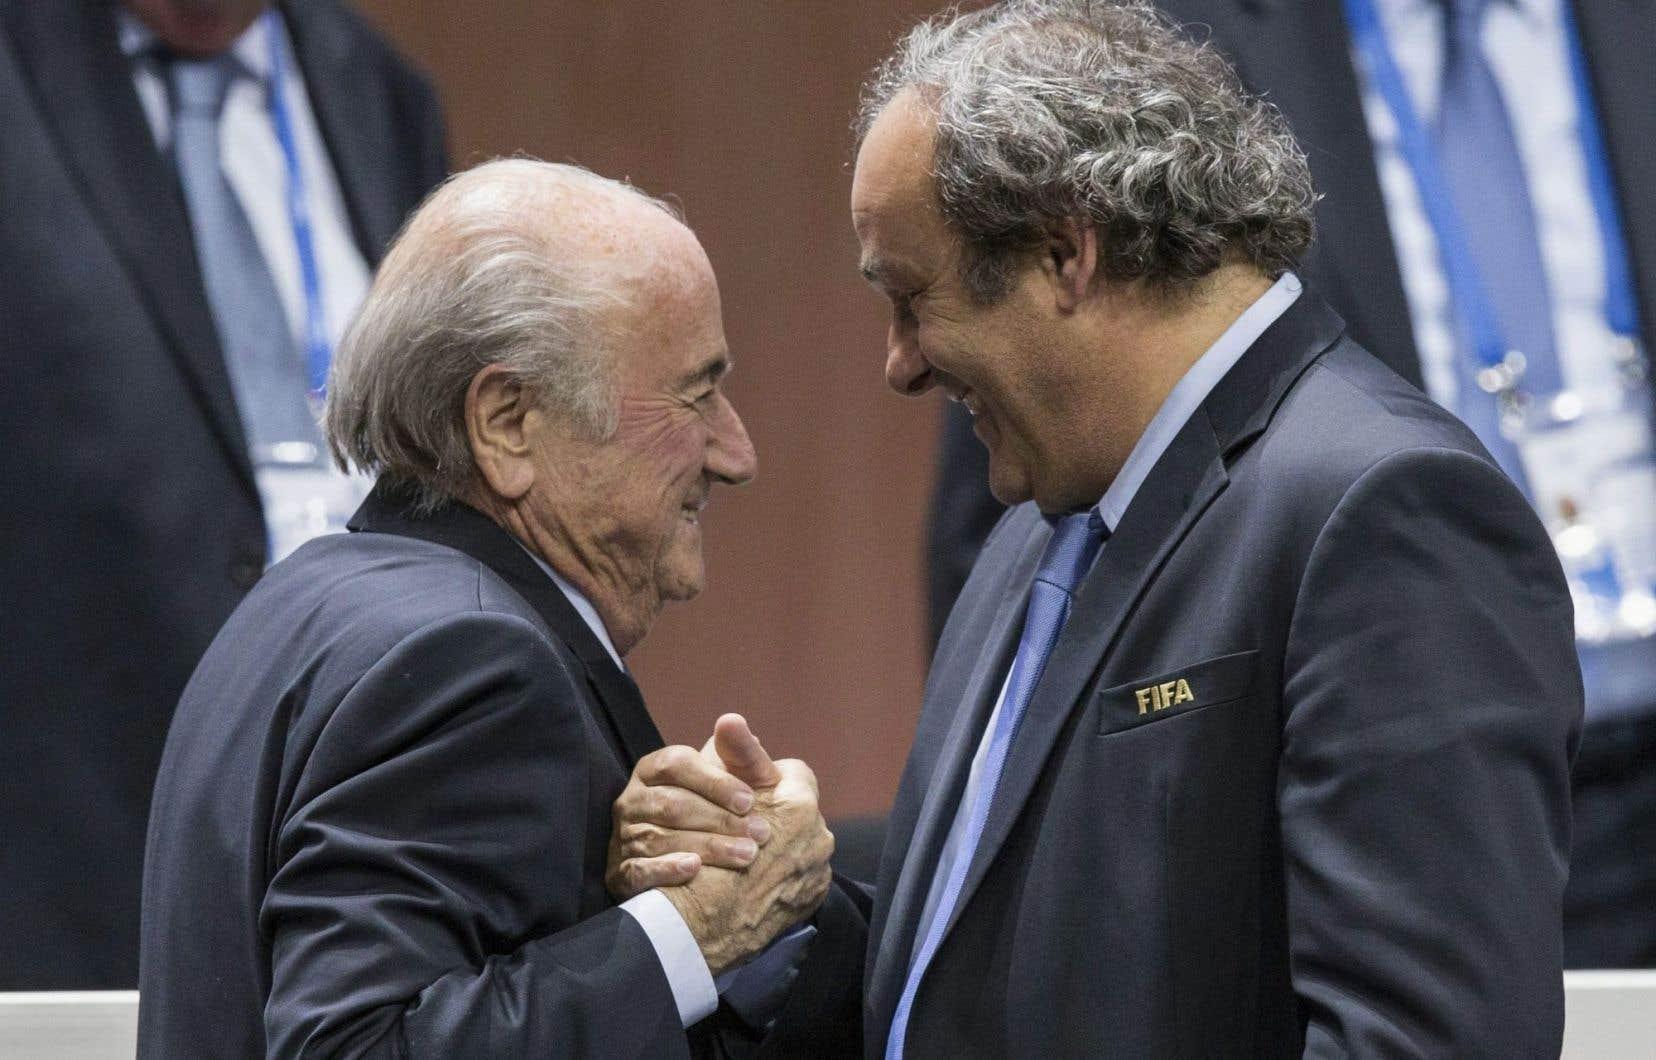 L'ancien président de la FIFA Sepp Blatter (gauche)